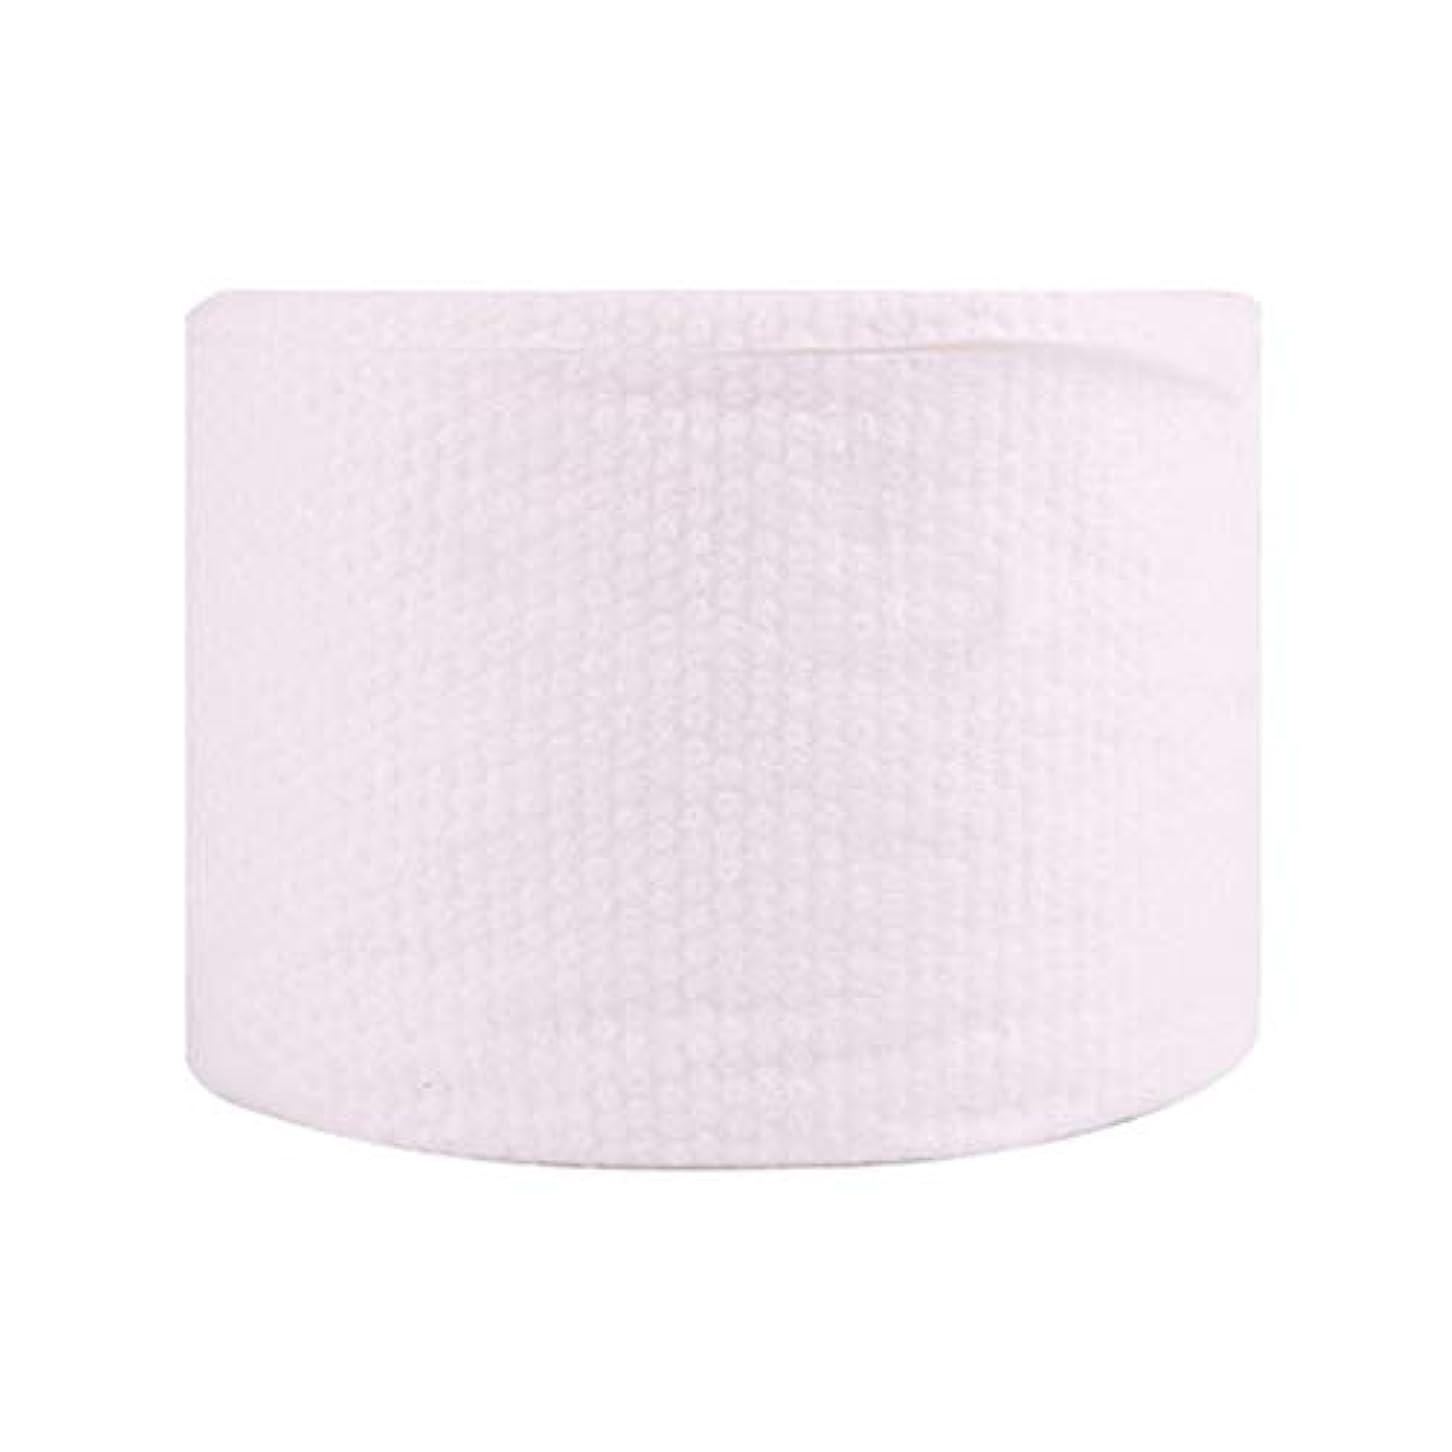 昇進天使内向きCUHAWUDBA 使い捨てフェイスタオル化粧拭き取り綿パッド メイク落としパッド ソフトパッド化粧品 フェイスマスククレンジングケアフェイシャルナプキン